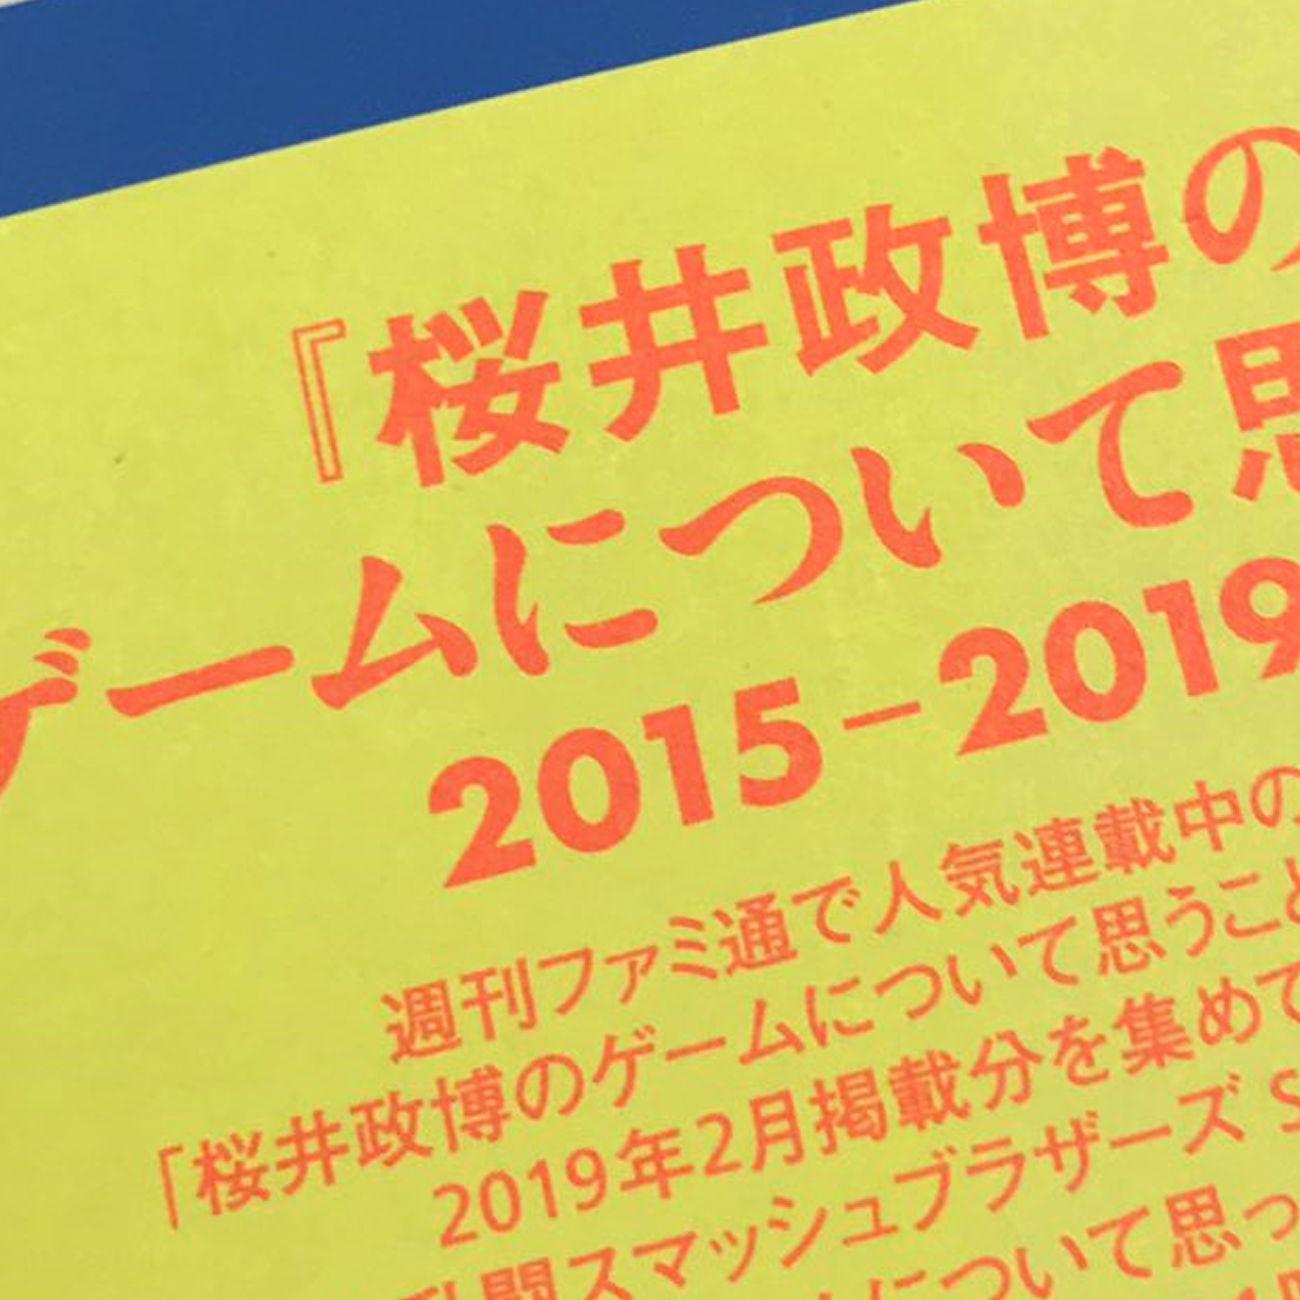 スマブラ スペシャル、コラム桜井政博のゲームについて思うこと